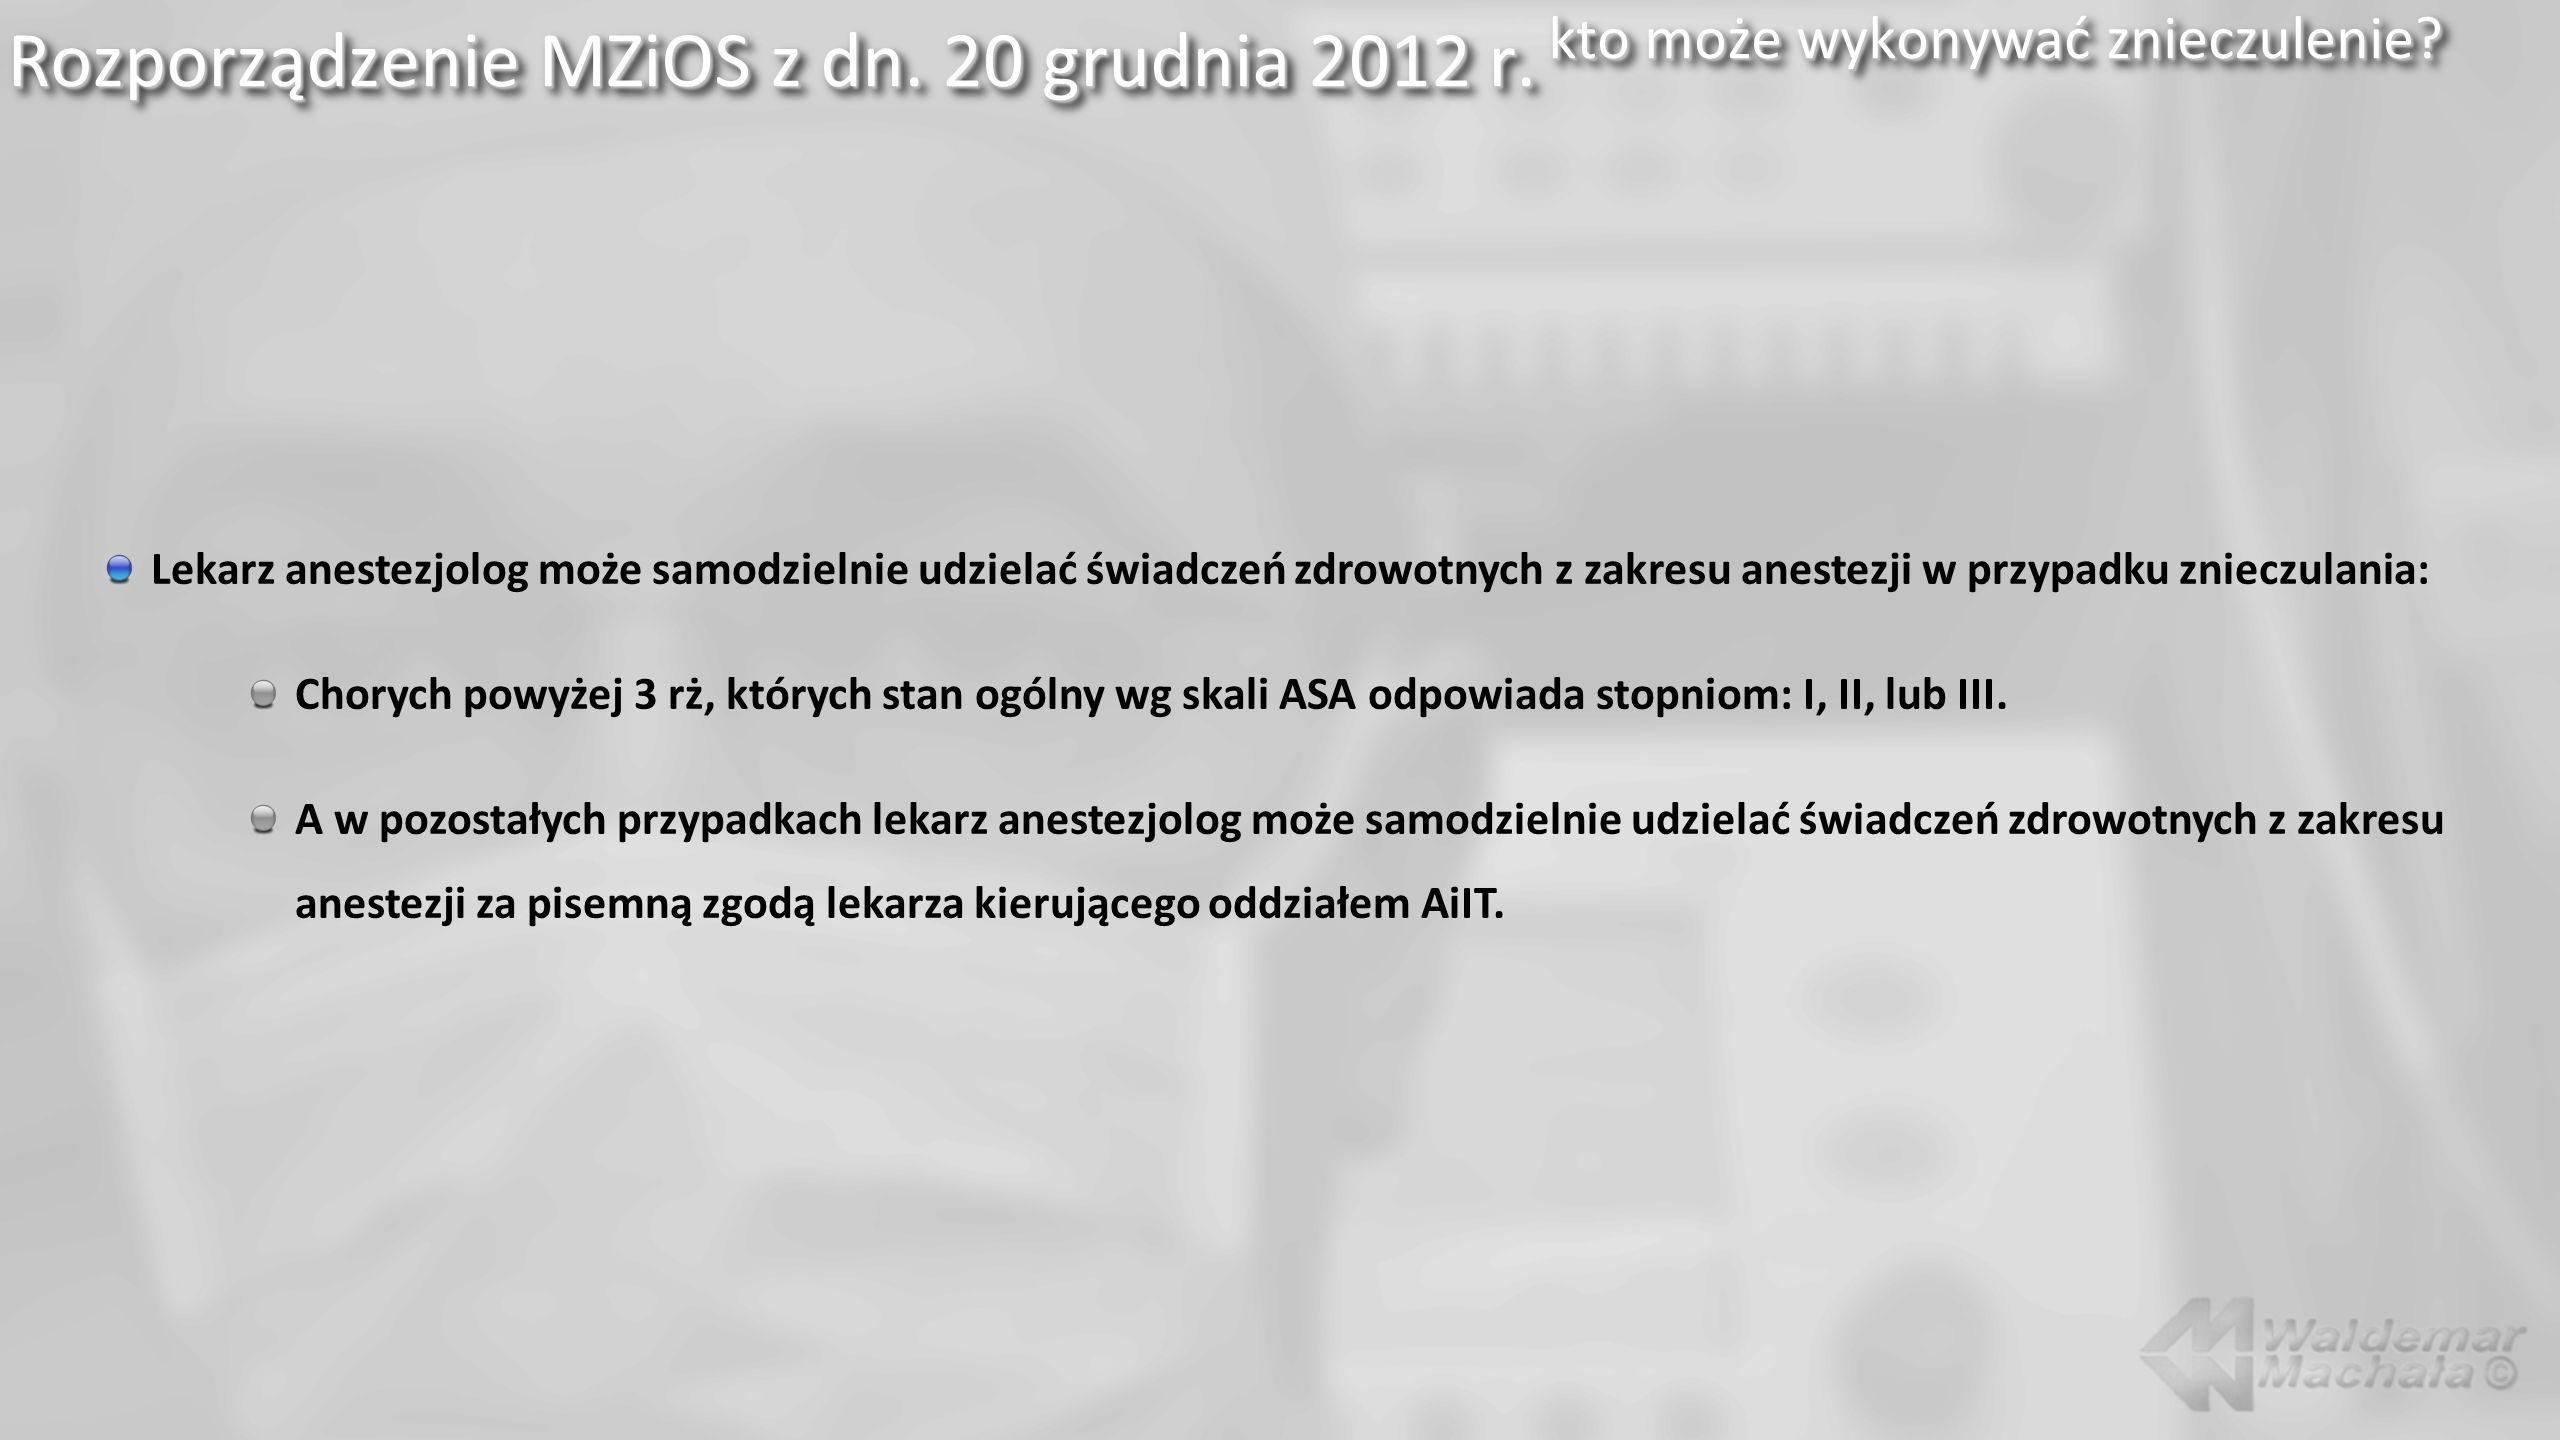 Rozporządzenie MZiOS z dn. 20 grudnia 2012 r. kto może wykonywać znieczulenie? Lekarz anestezjolog może samodzielnie udzielać świadczeń zdrowotnych z